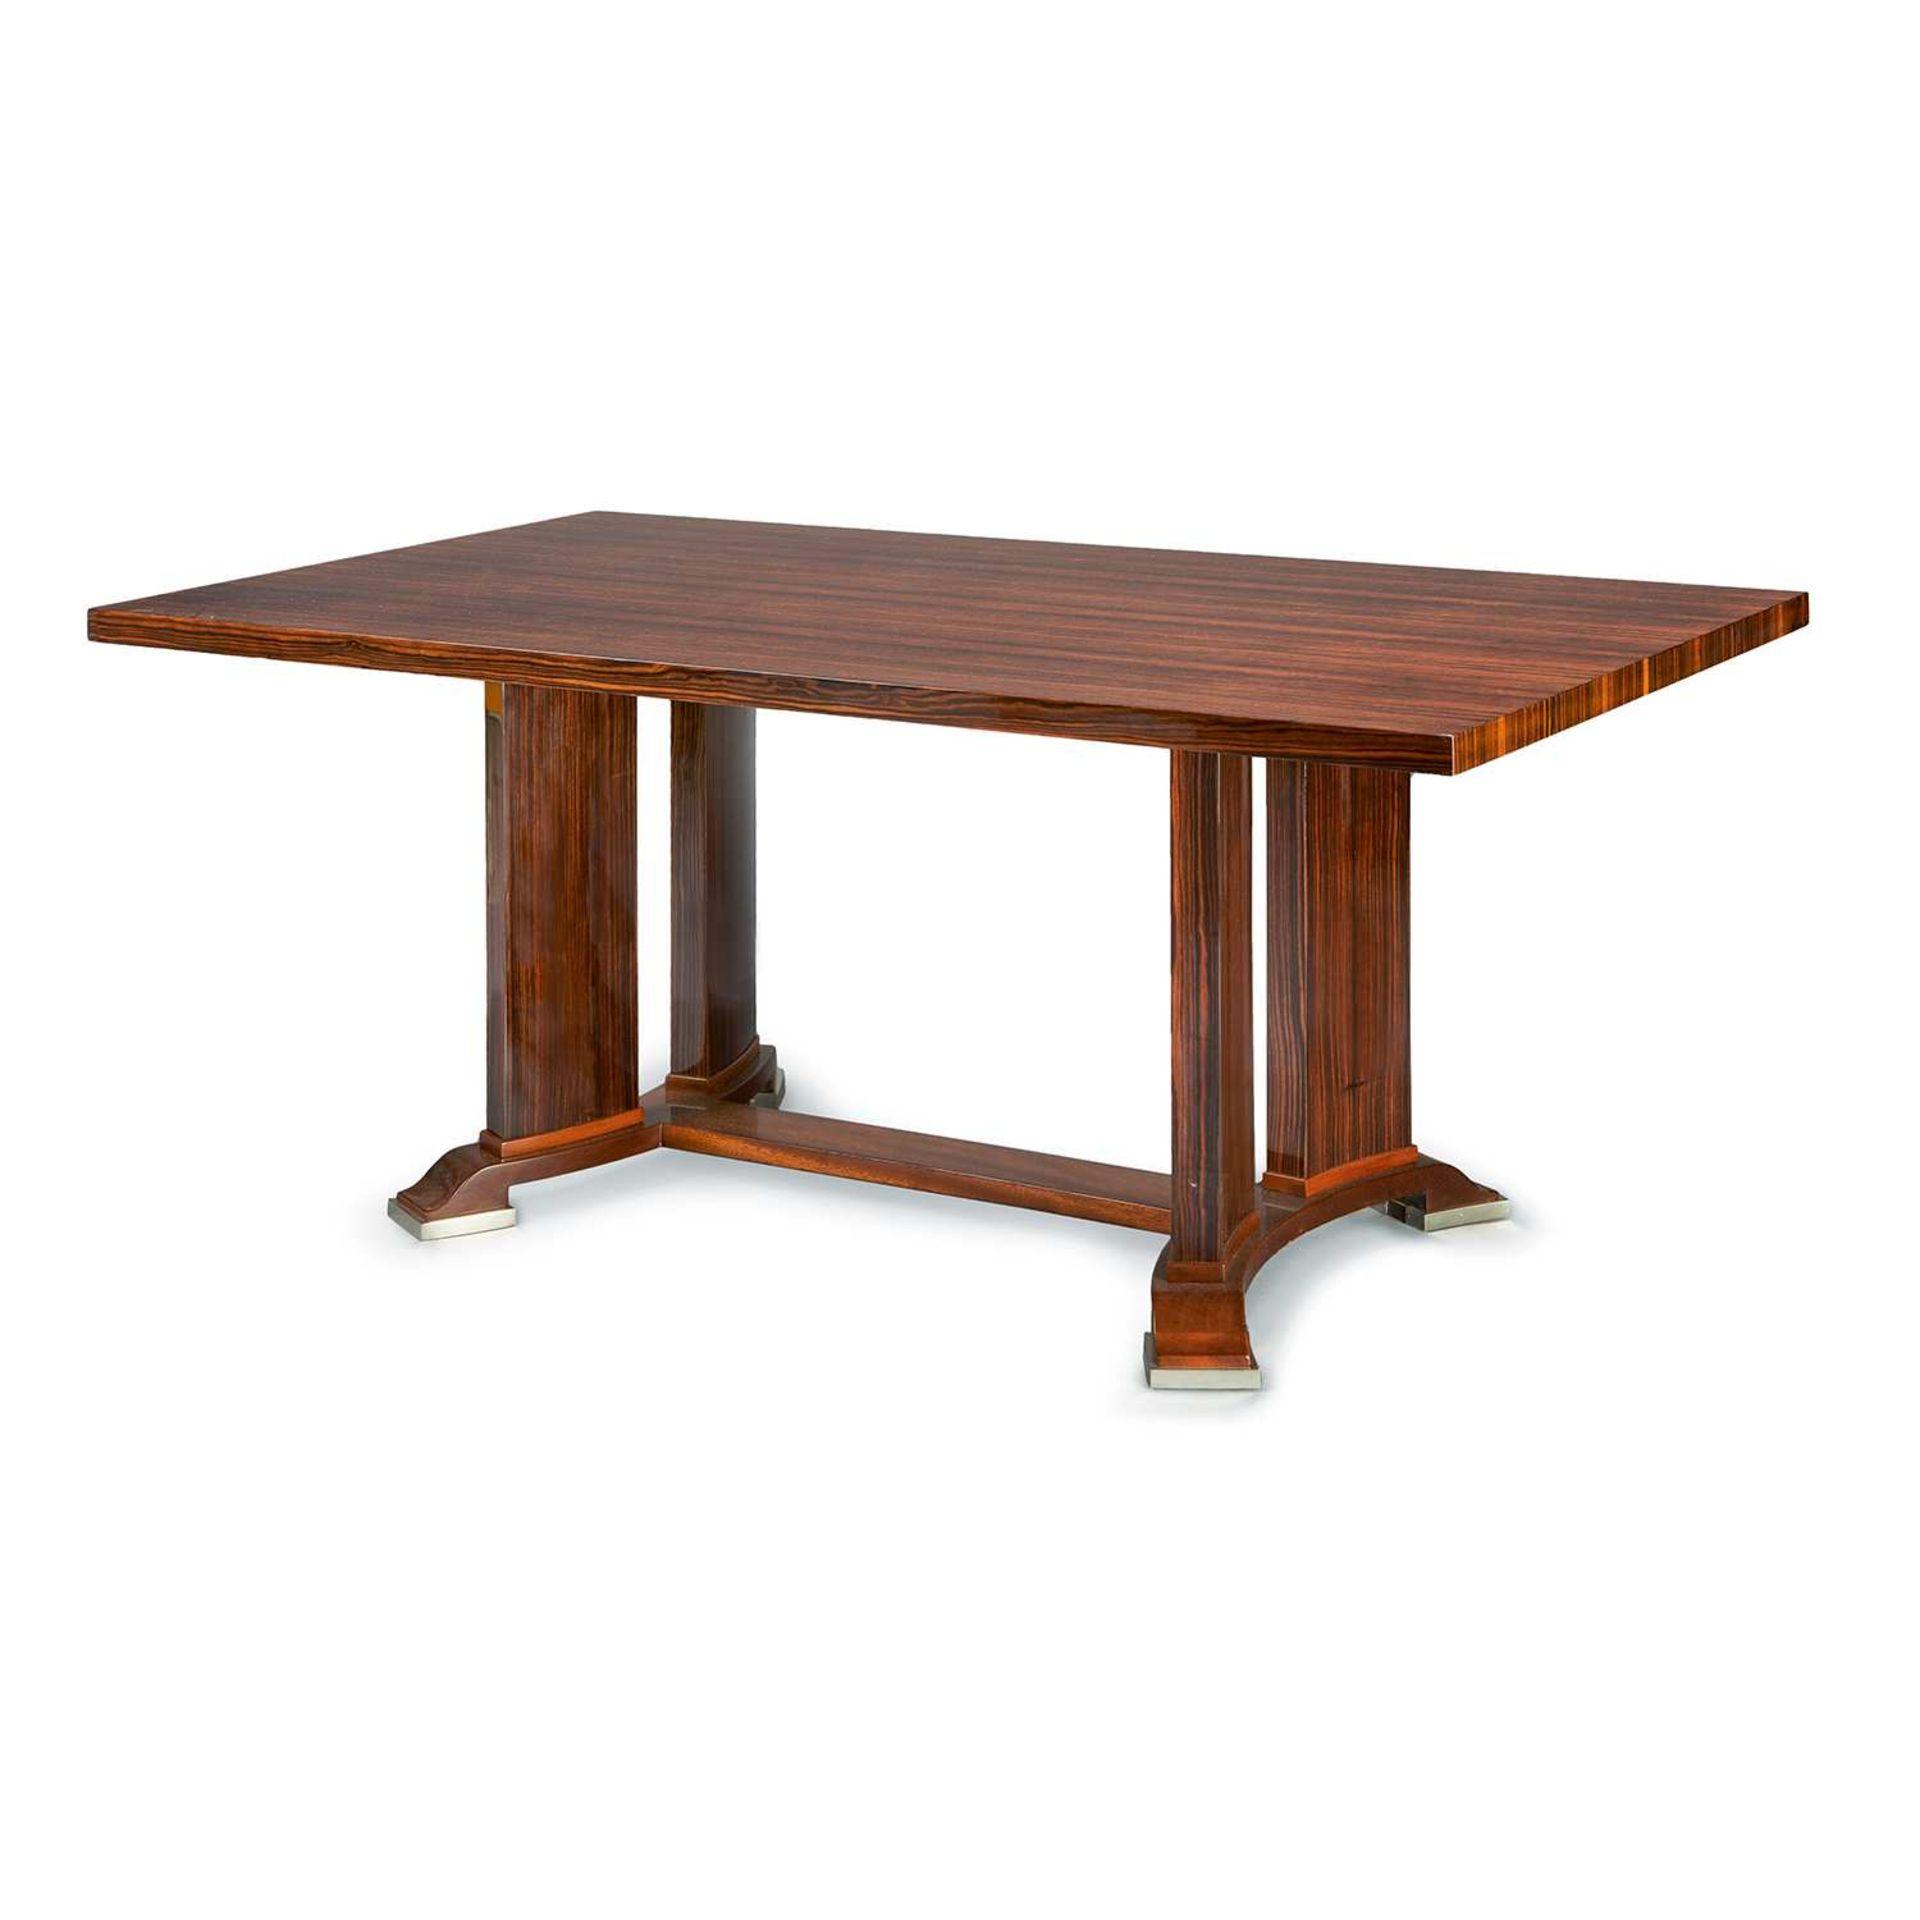 Los 22 - JULES LELEU (1883-1961) Table de salle à manger en noyer teinté et placage d'ébène de Macassar,